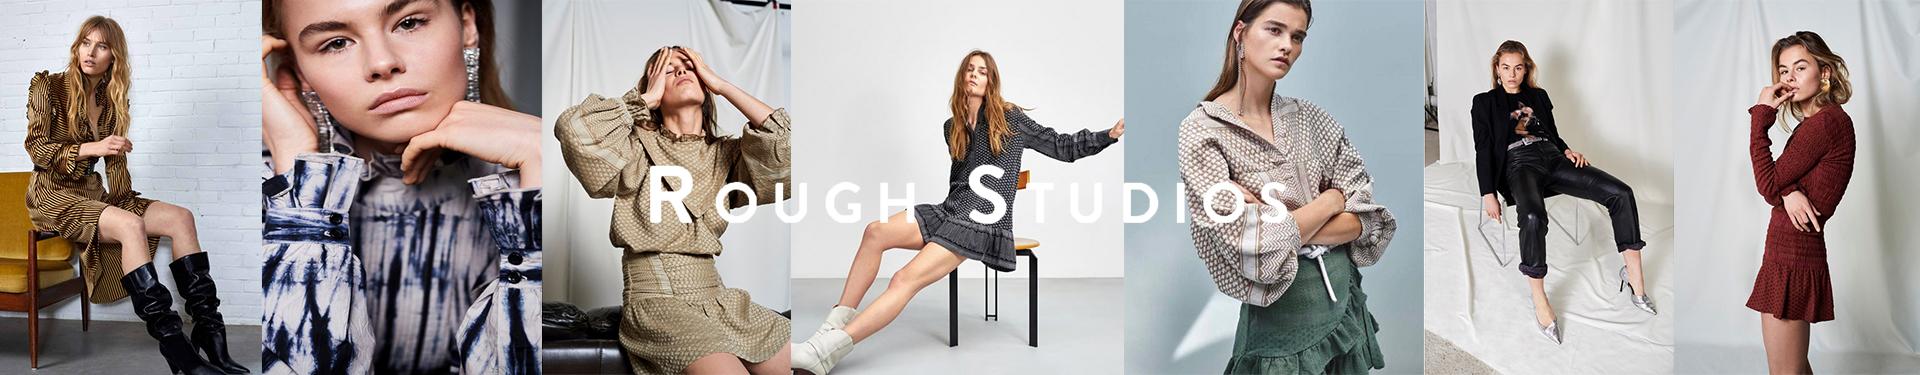 Rough Studios